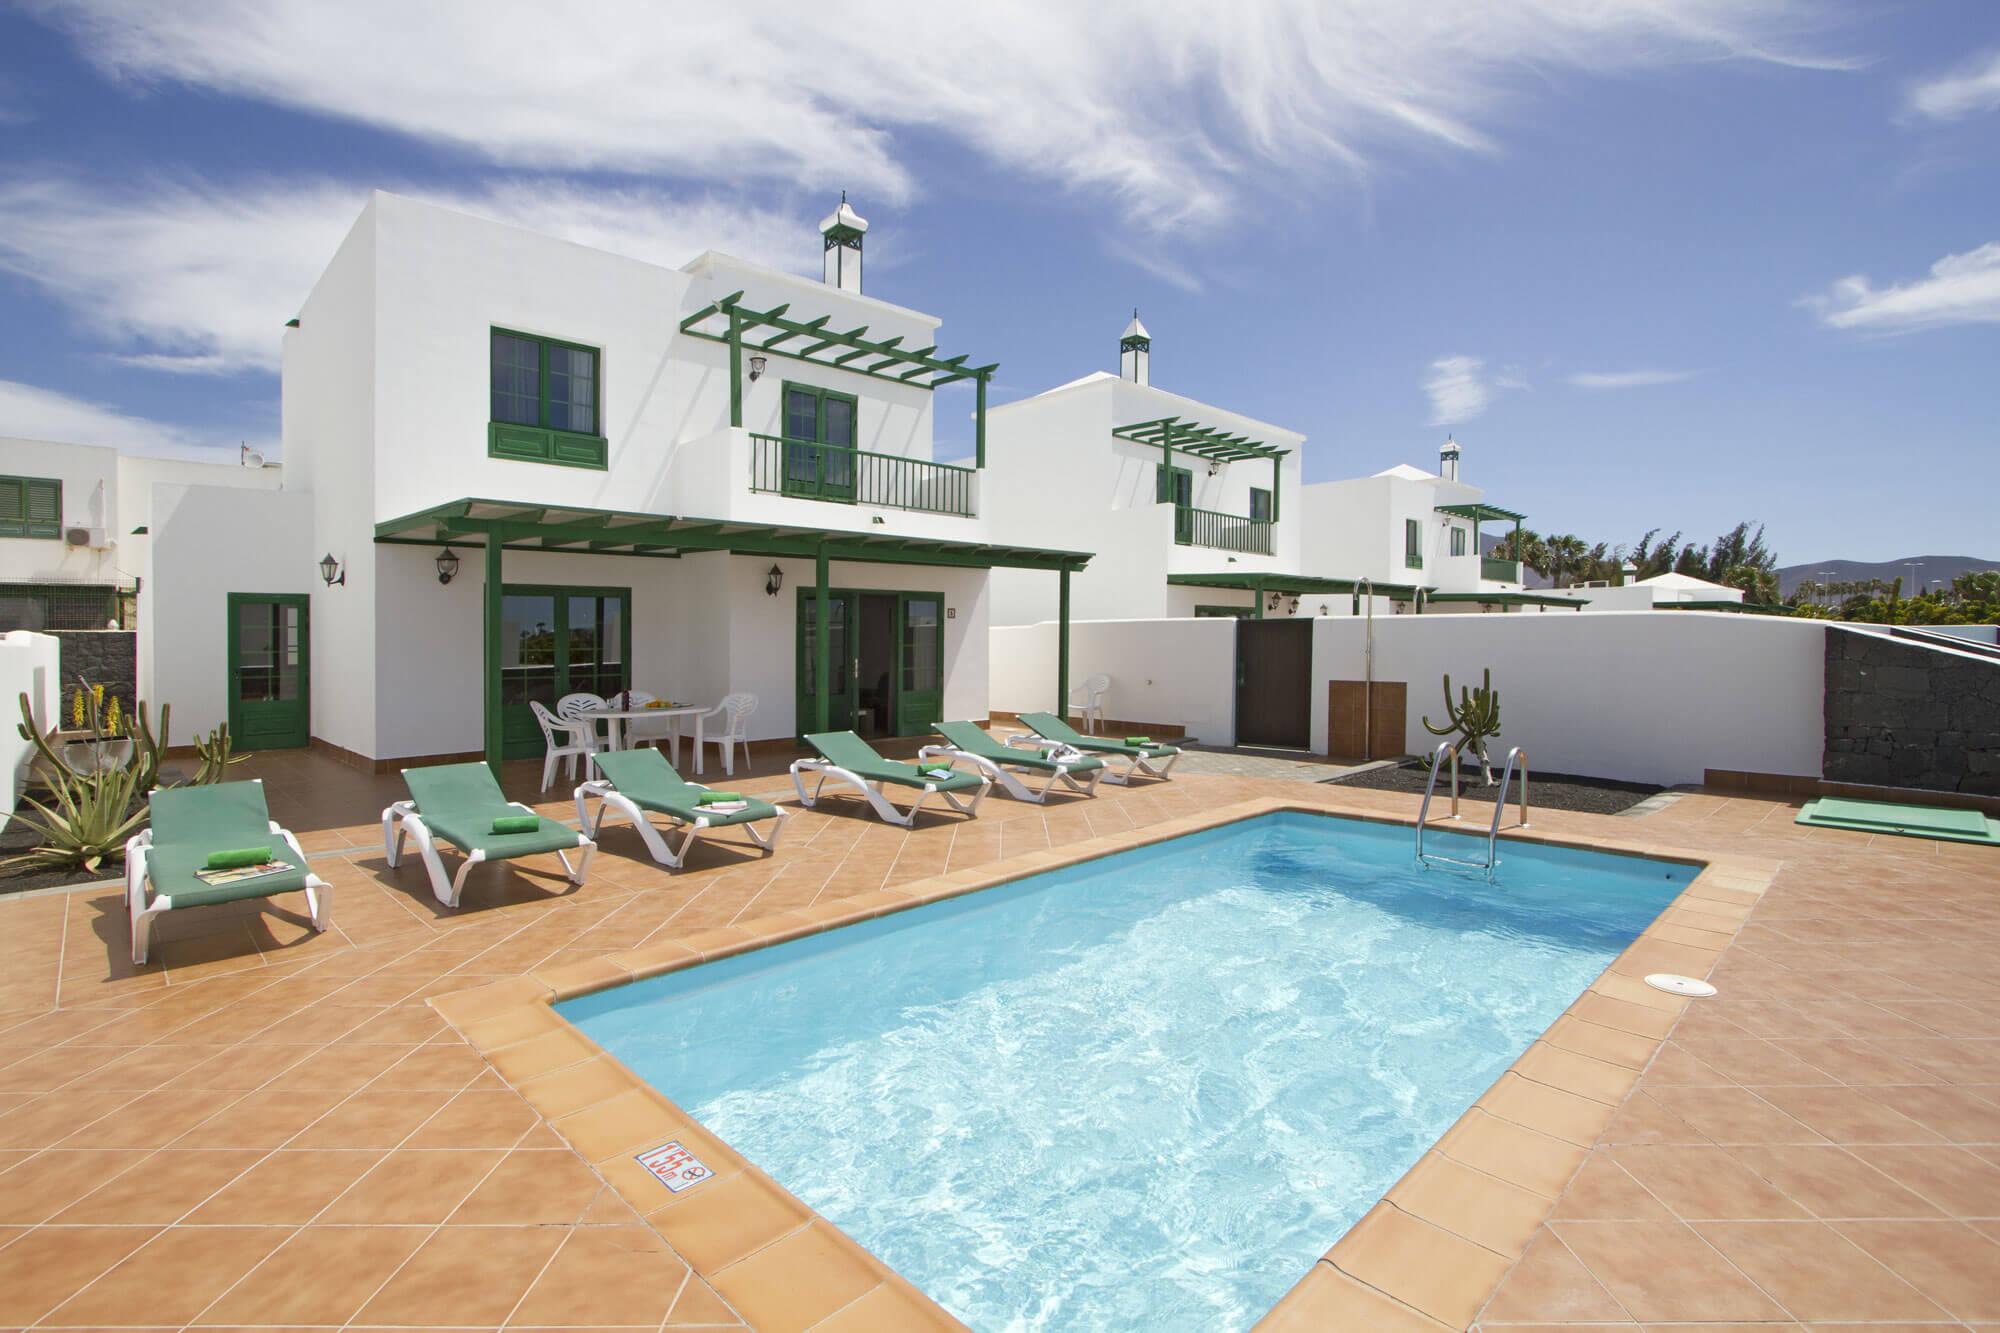 Komplex mit 3-Schlafzimmer-Villen und Privatpool in der Nähe von Playa Blanca.